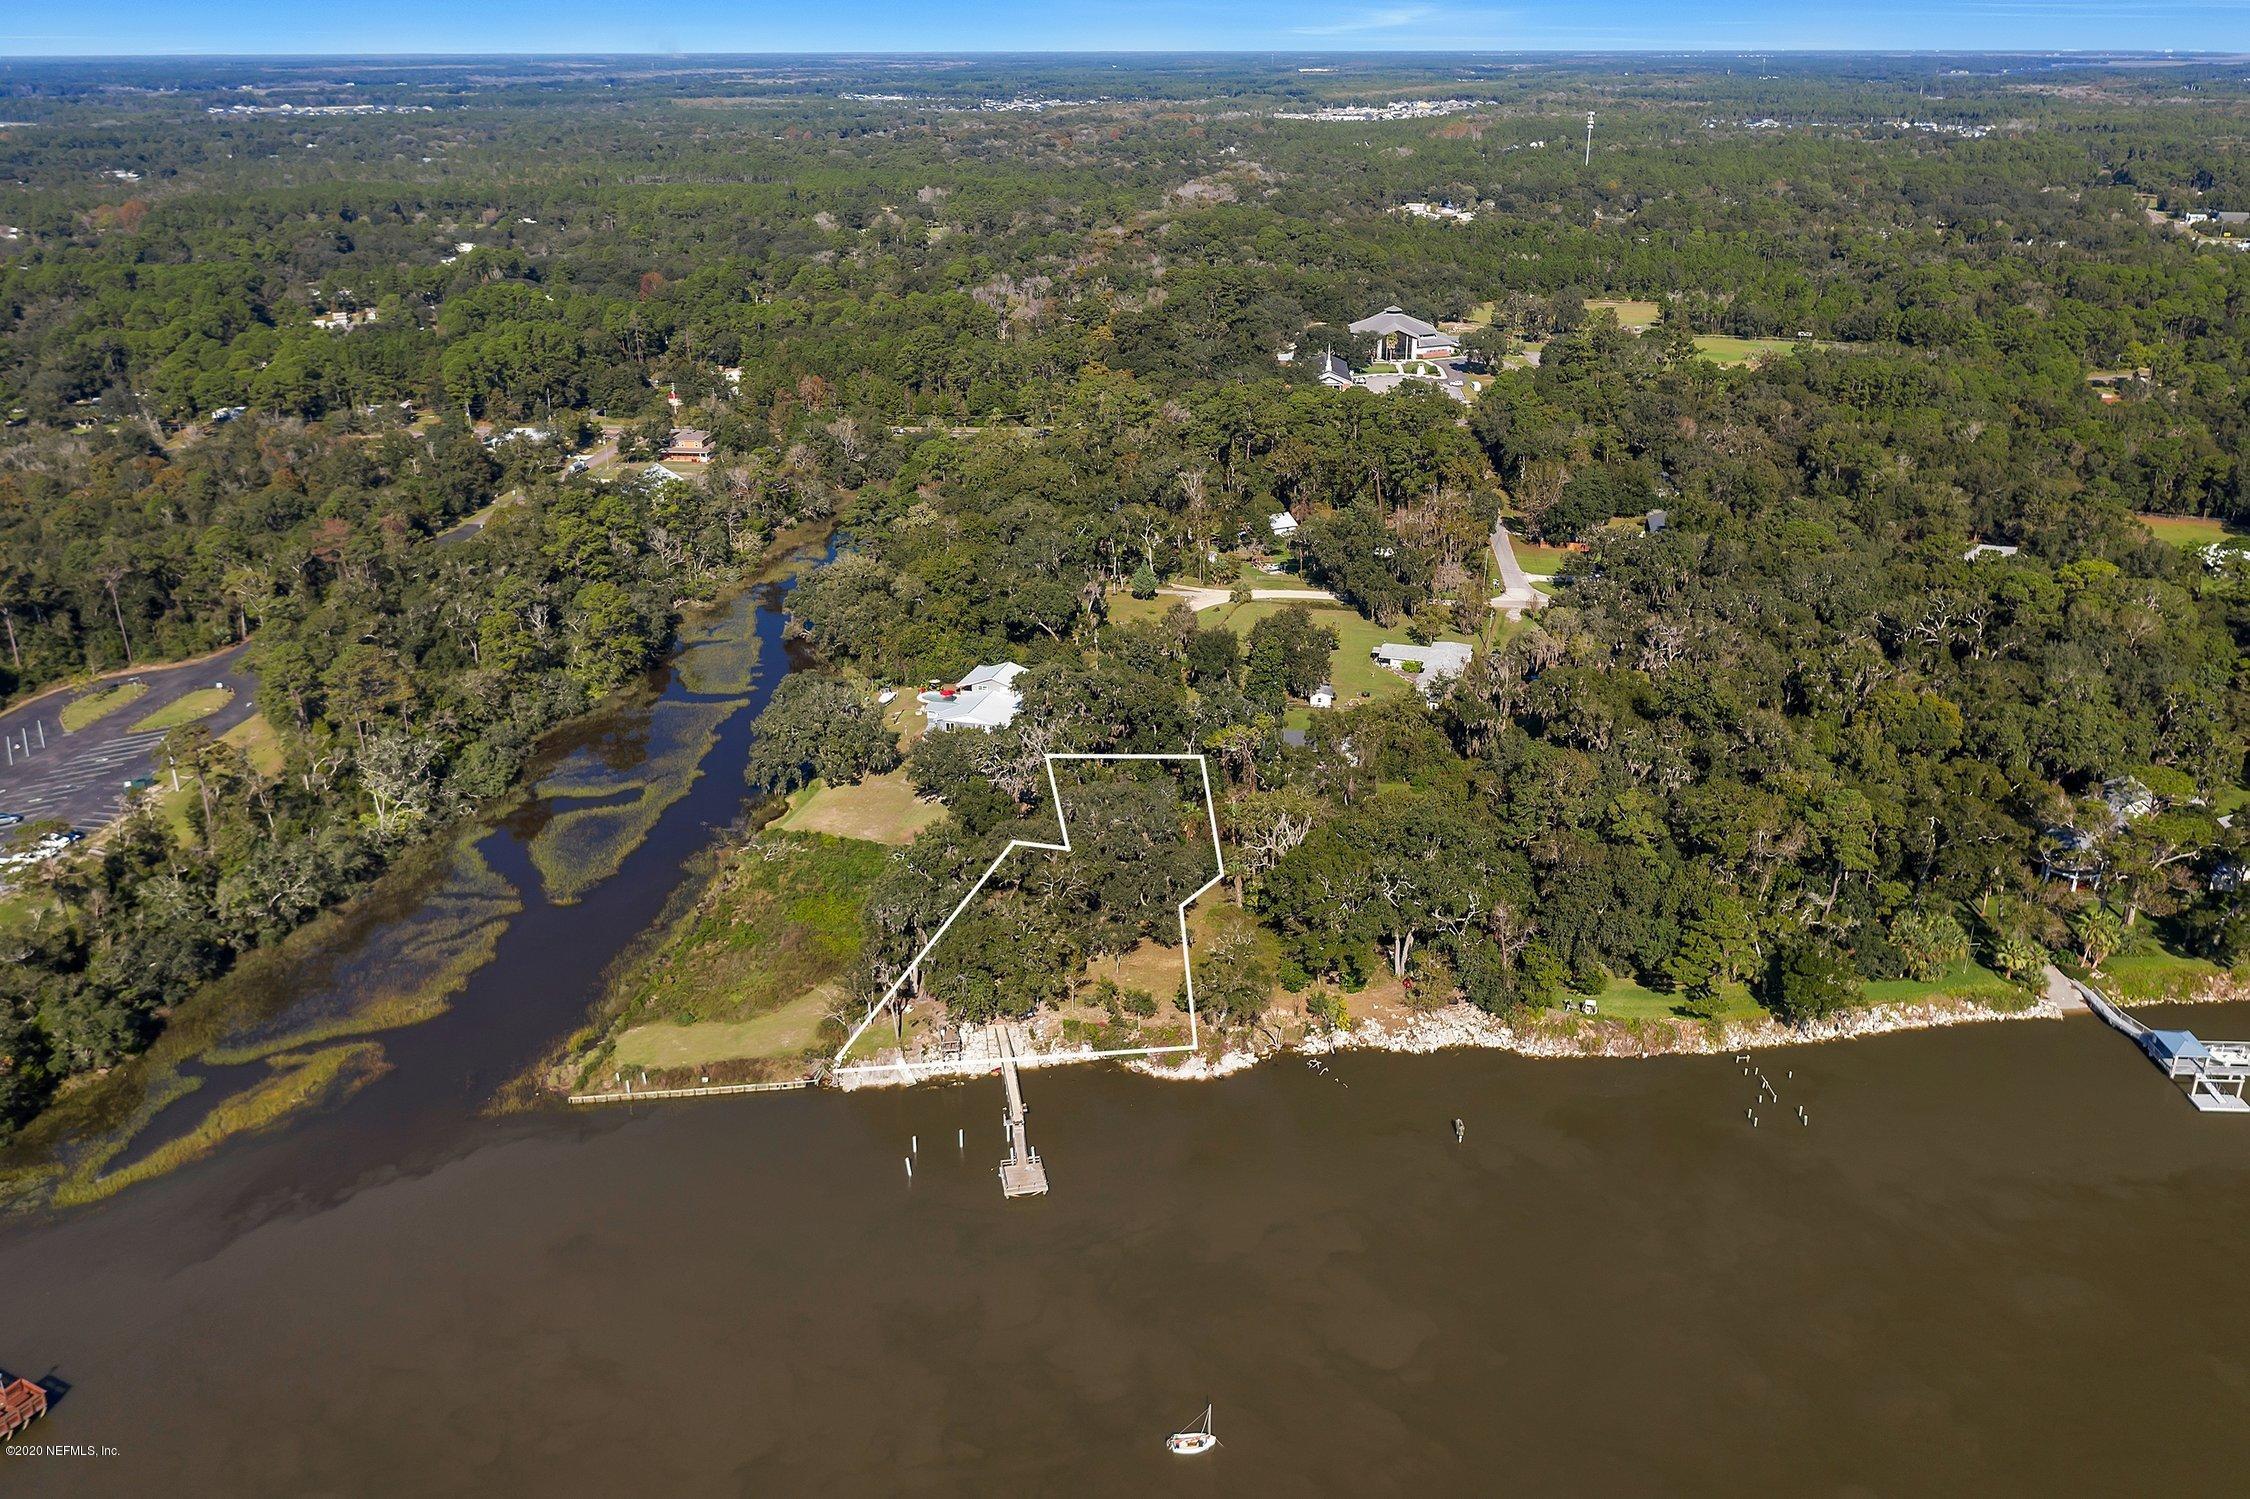 0 WILDER, FERNANDINA BEACH, FLORIDA 32034, ,Vacant land,For sale,WILDER,1083425